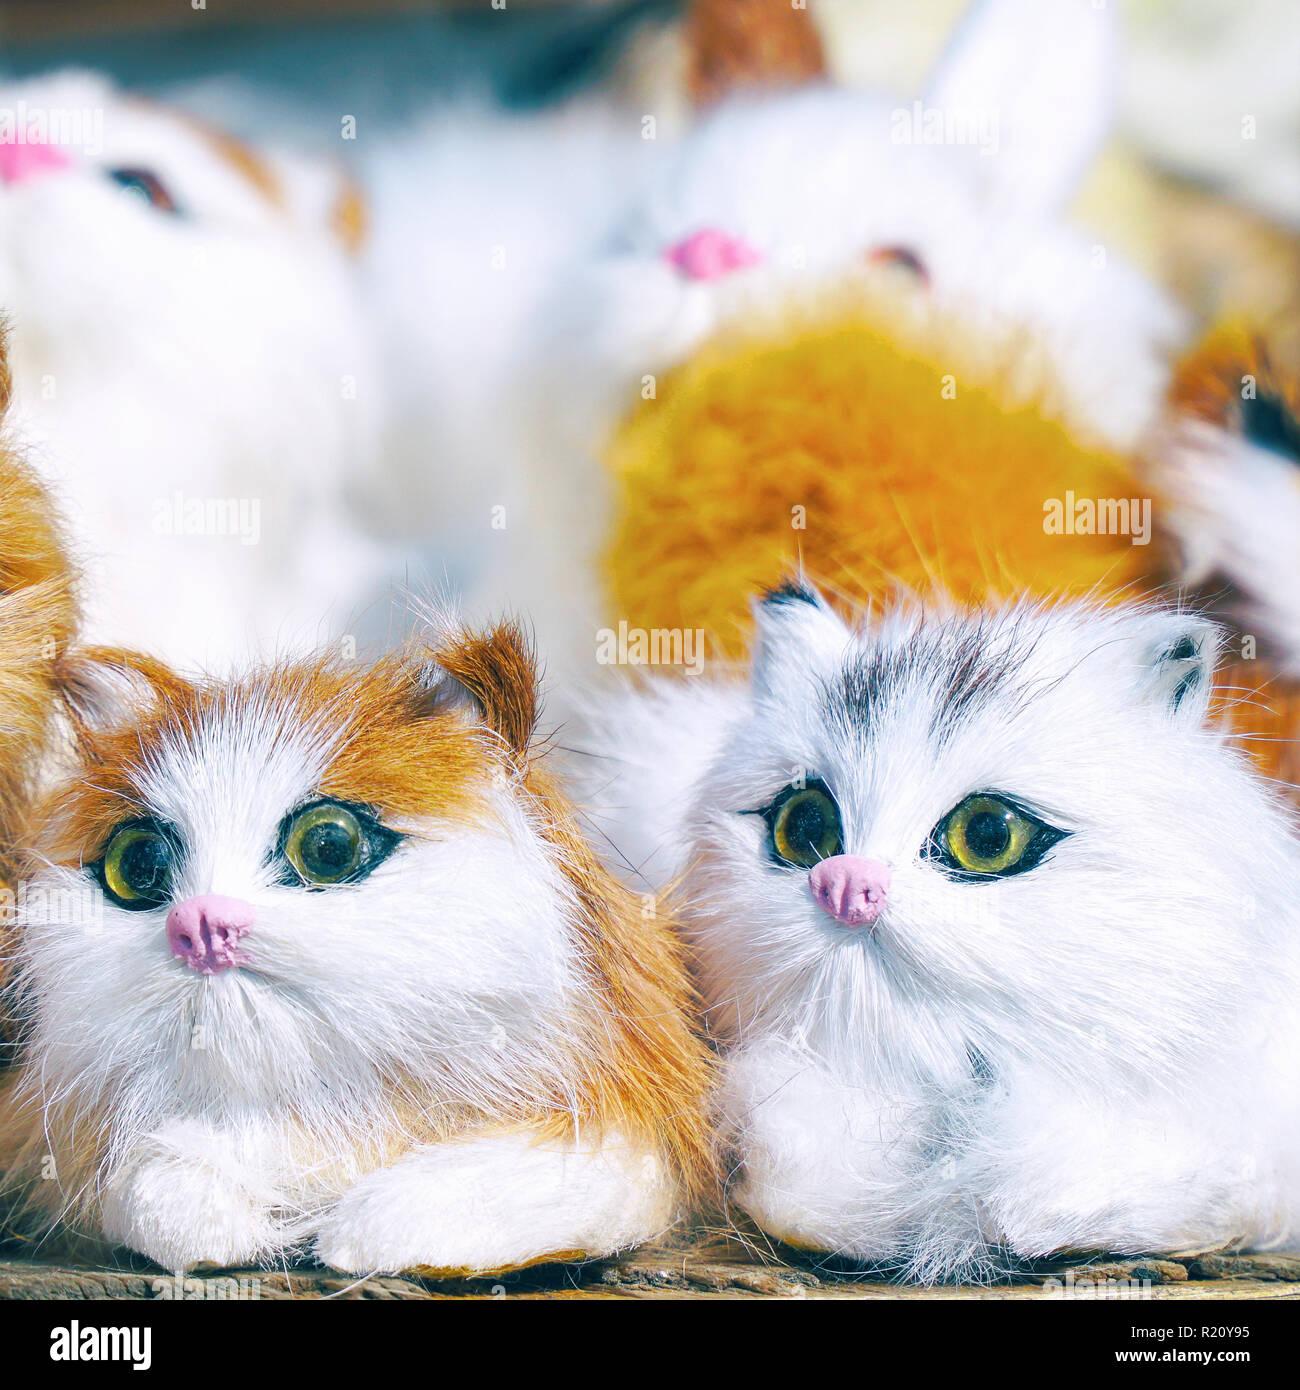 Les jouets mous chatons assis en face de l'appareil photo Photo Stock